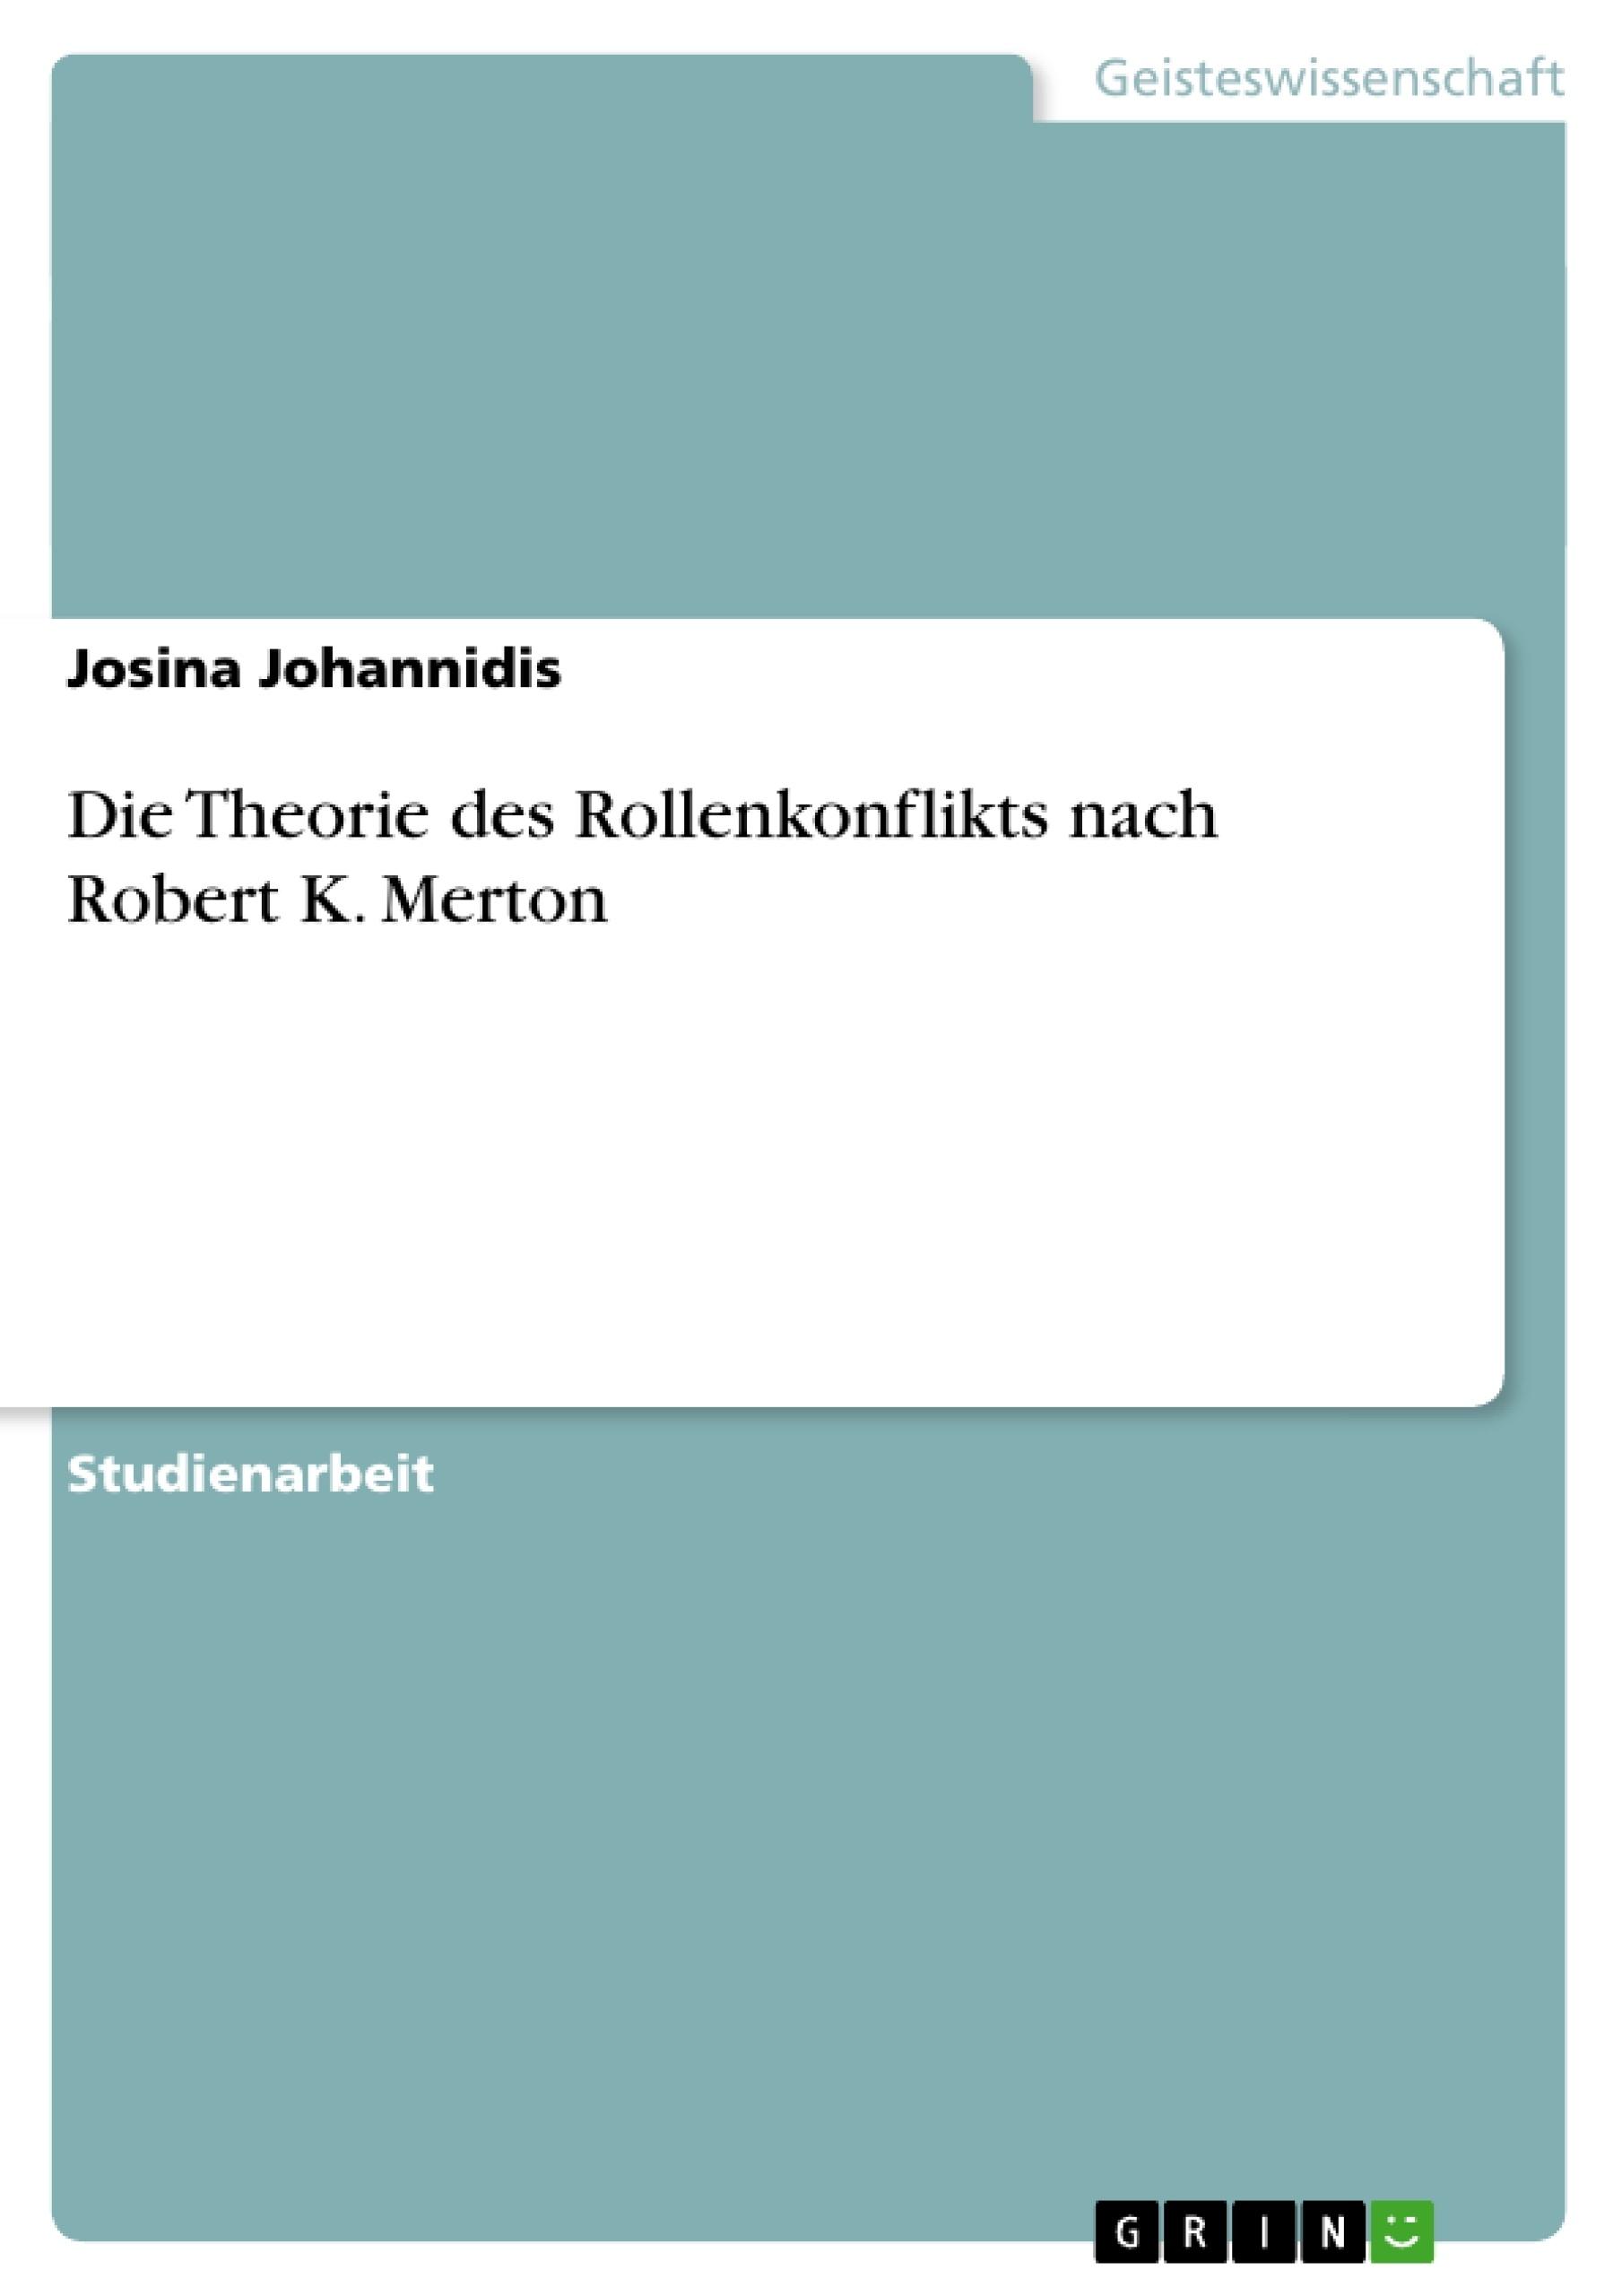 Titel: Die Theorie des Rollenkonflikts nach Robert K. Merton